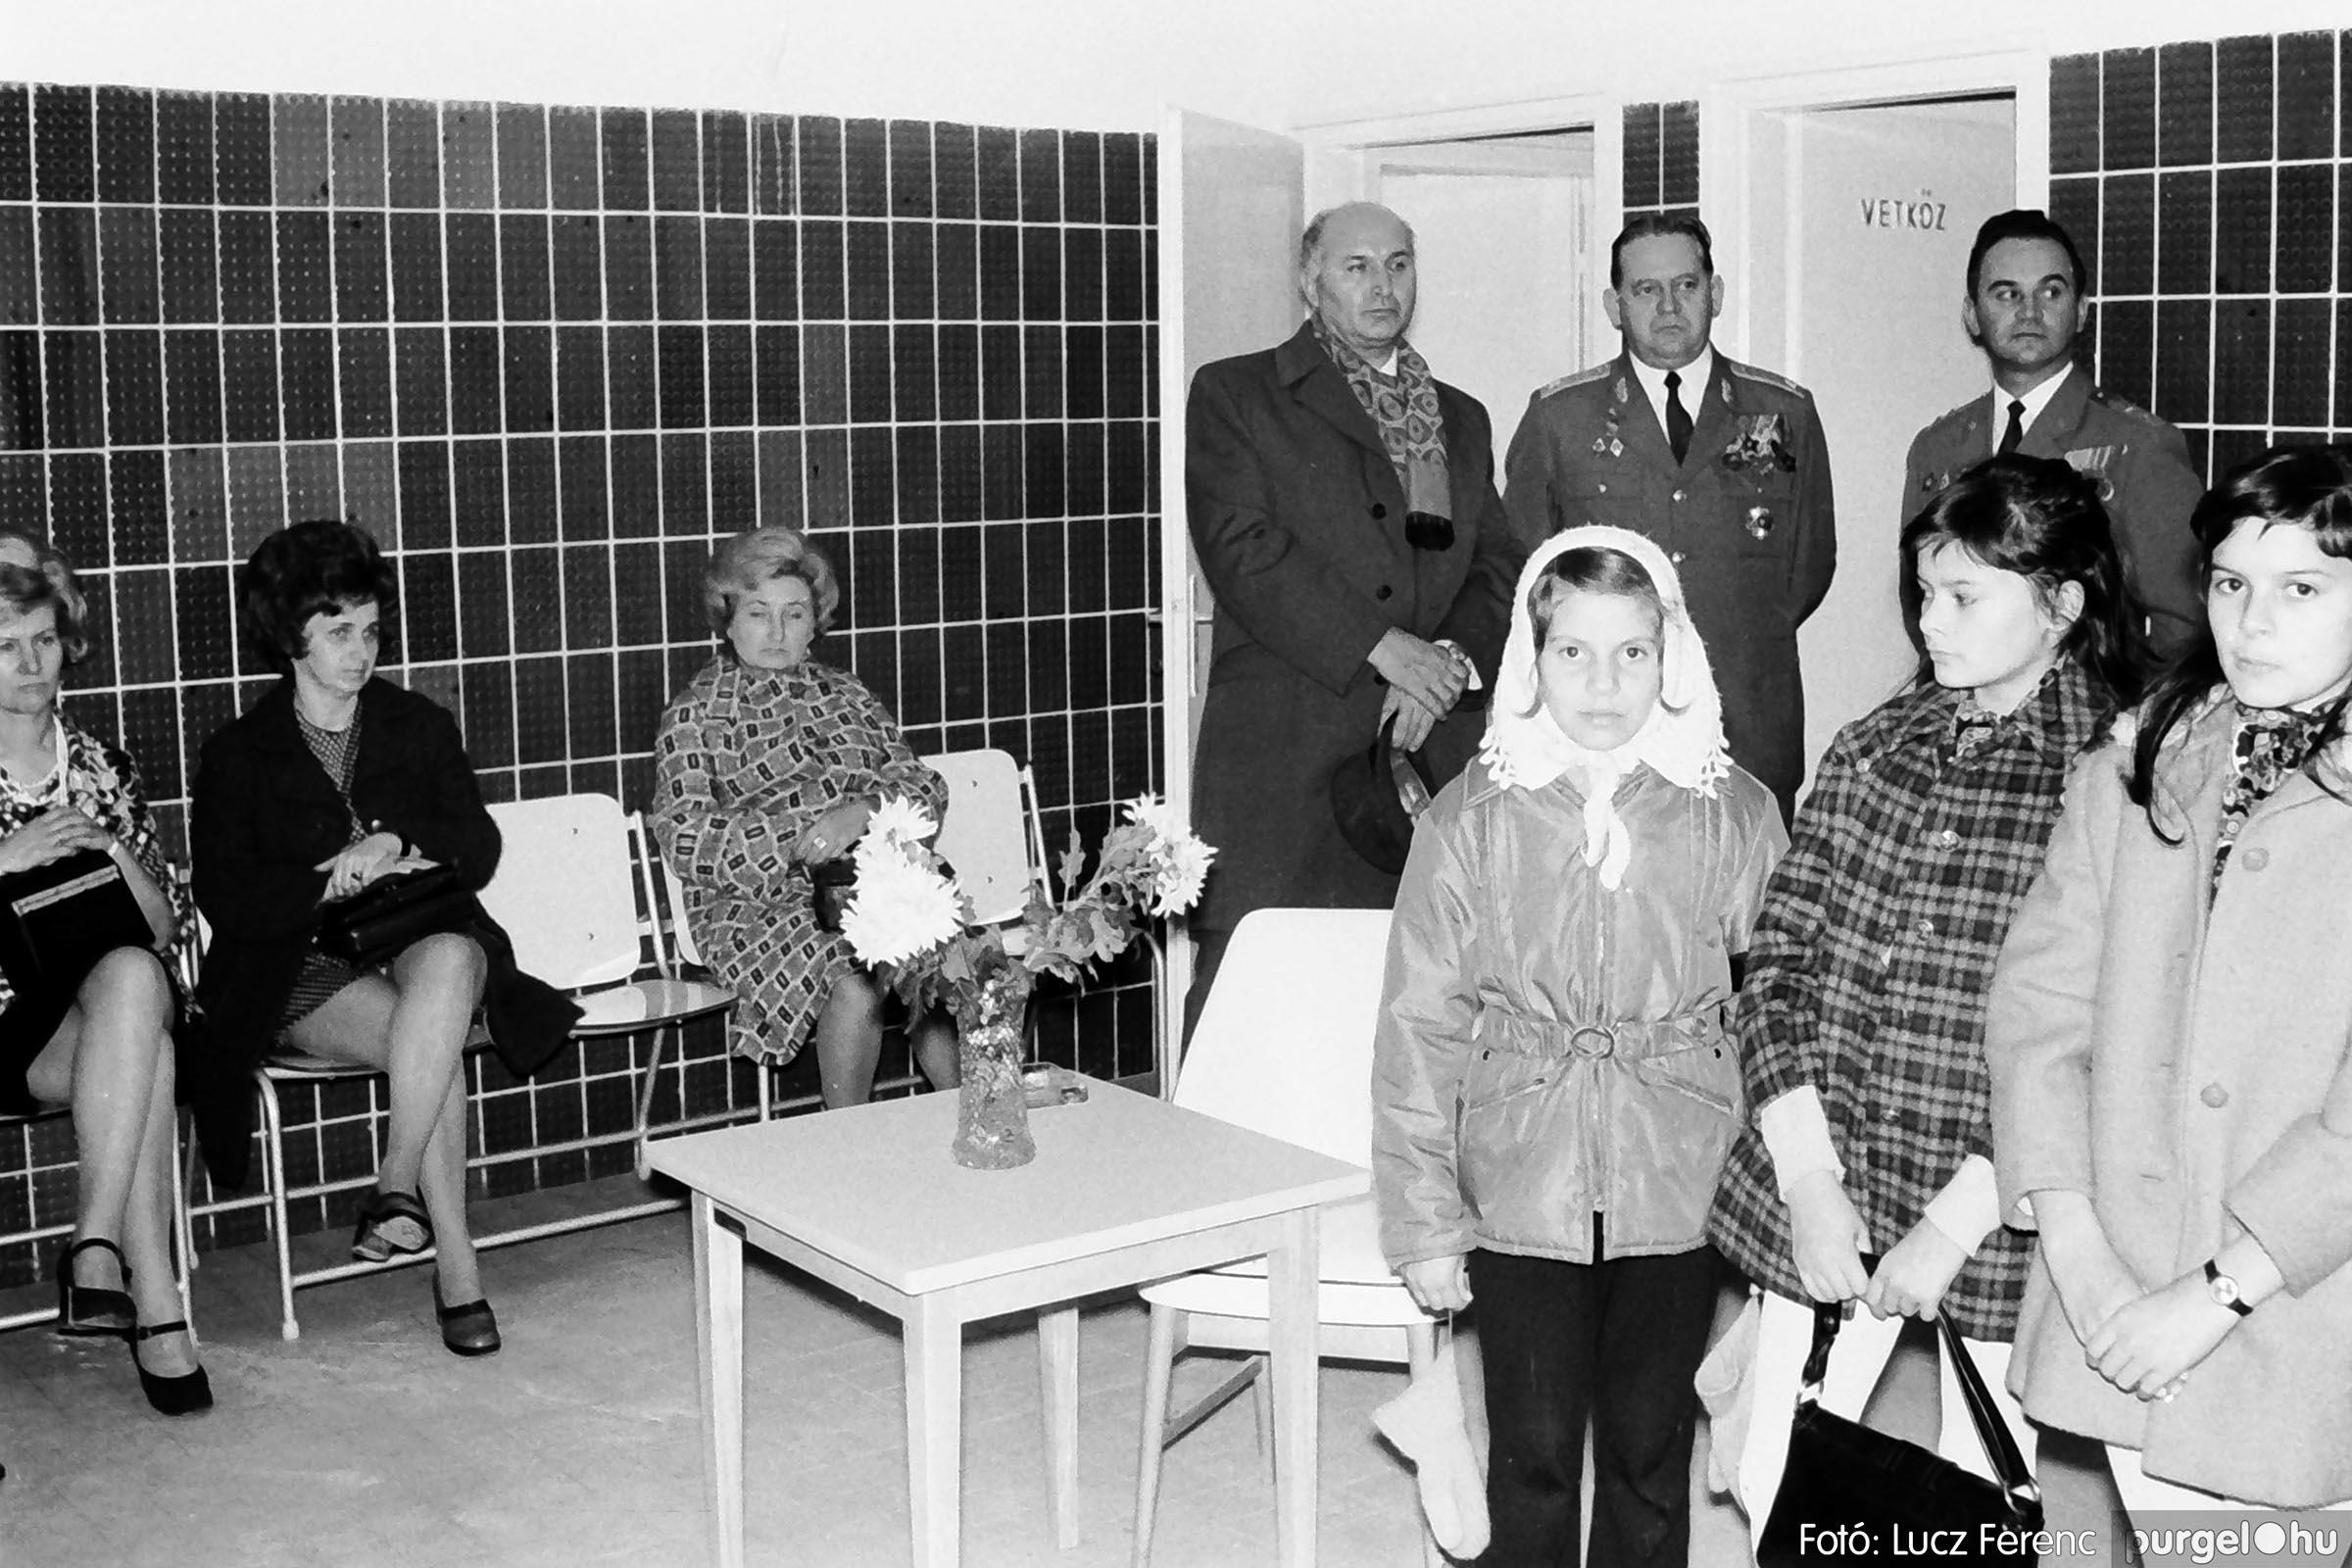 002 1970-es évek - Orvosi rendelő épületének átadása 010 - Fotó: Lucz Ferenc - IMG01108q.jpg